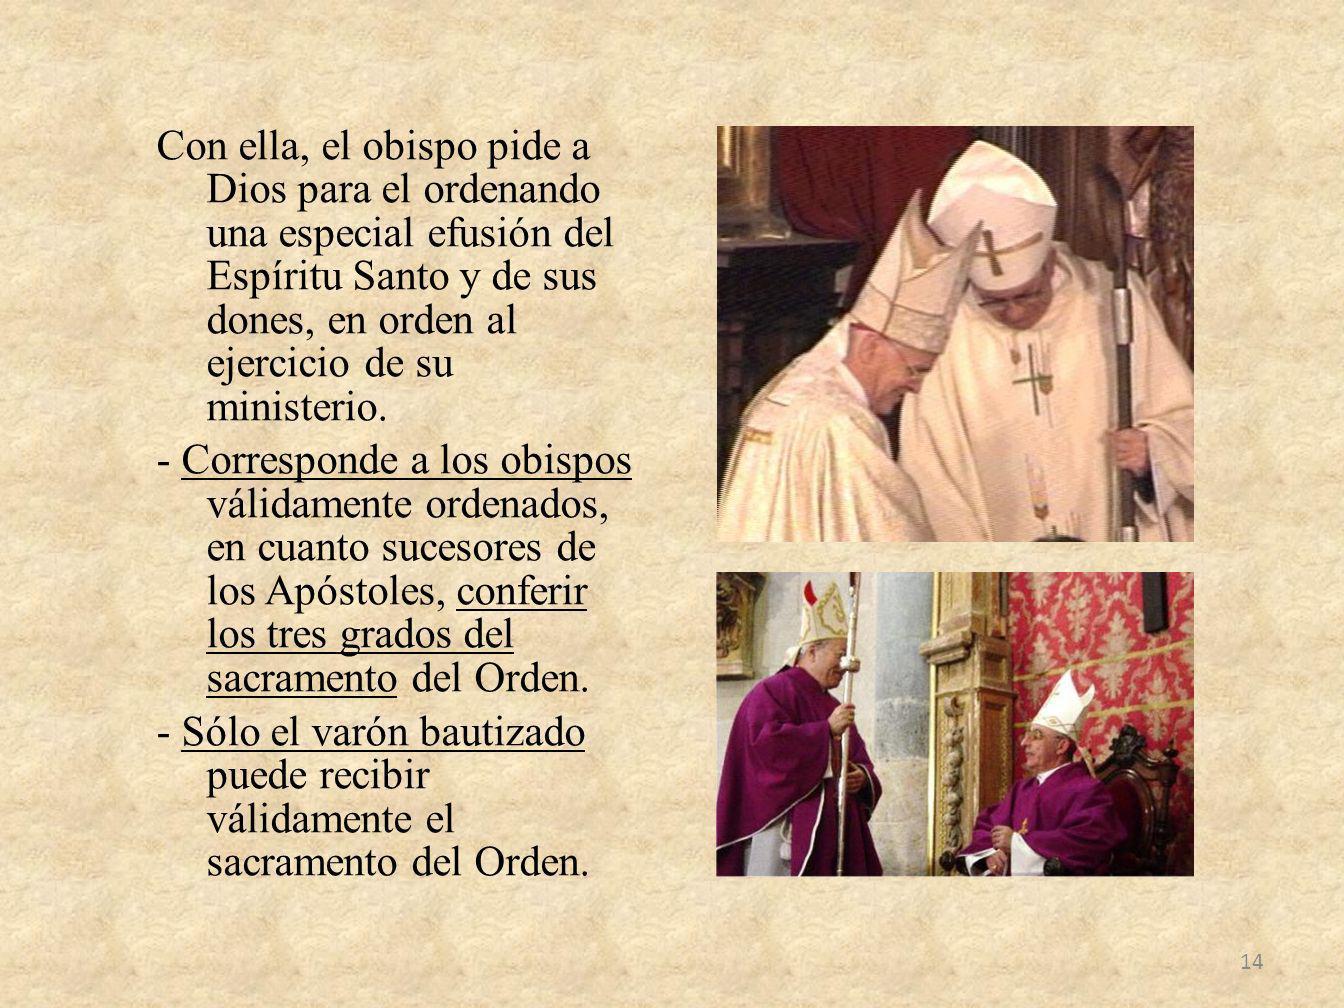 Con ella, el obispo pide a Dios para el ordenando una especial efusión del Espíritu Santo y de sus dones, en orden al ejercicio de su ministerio. - Co